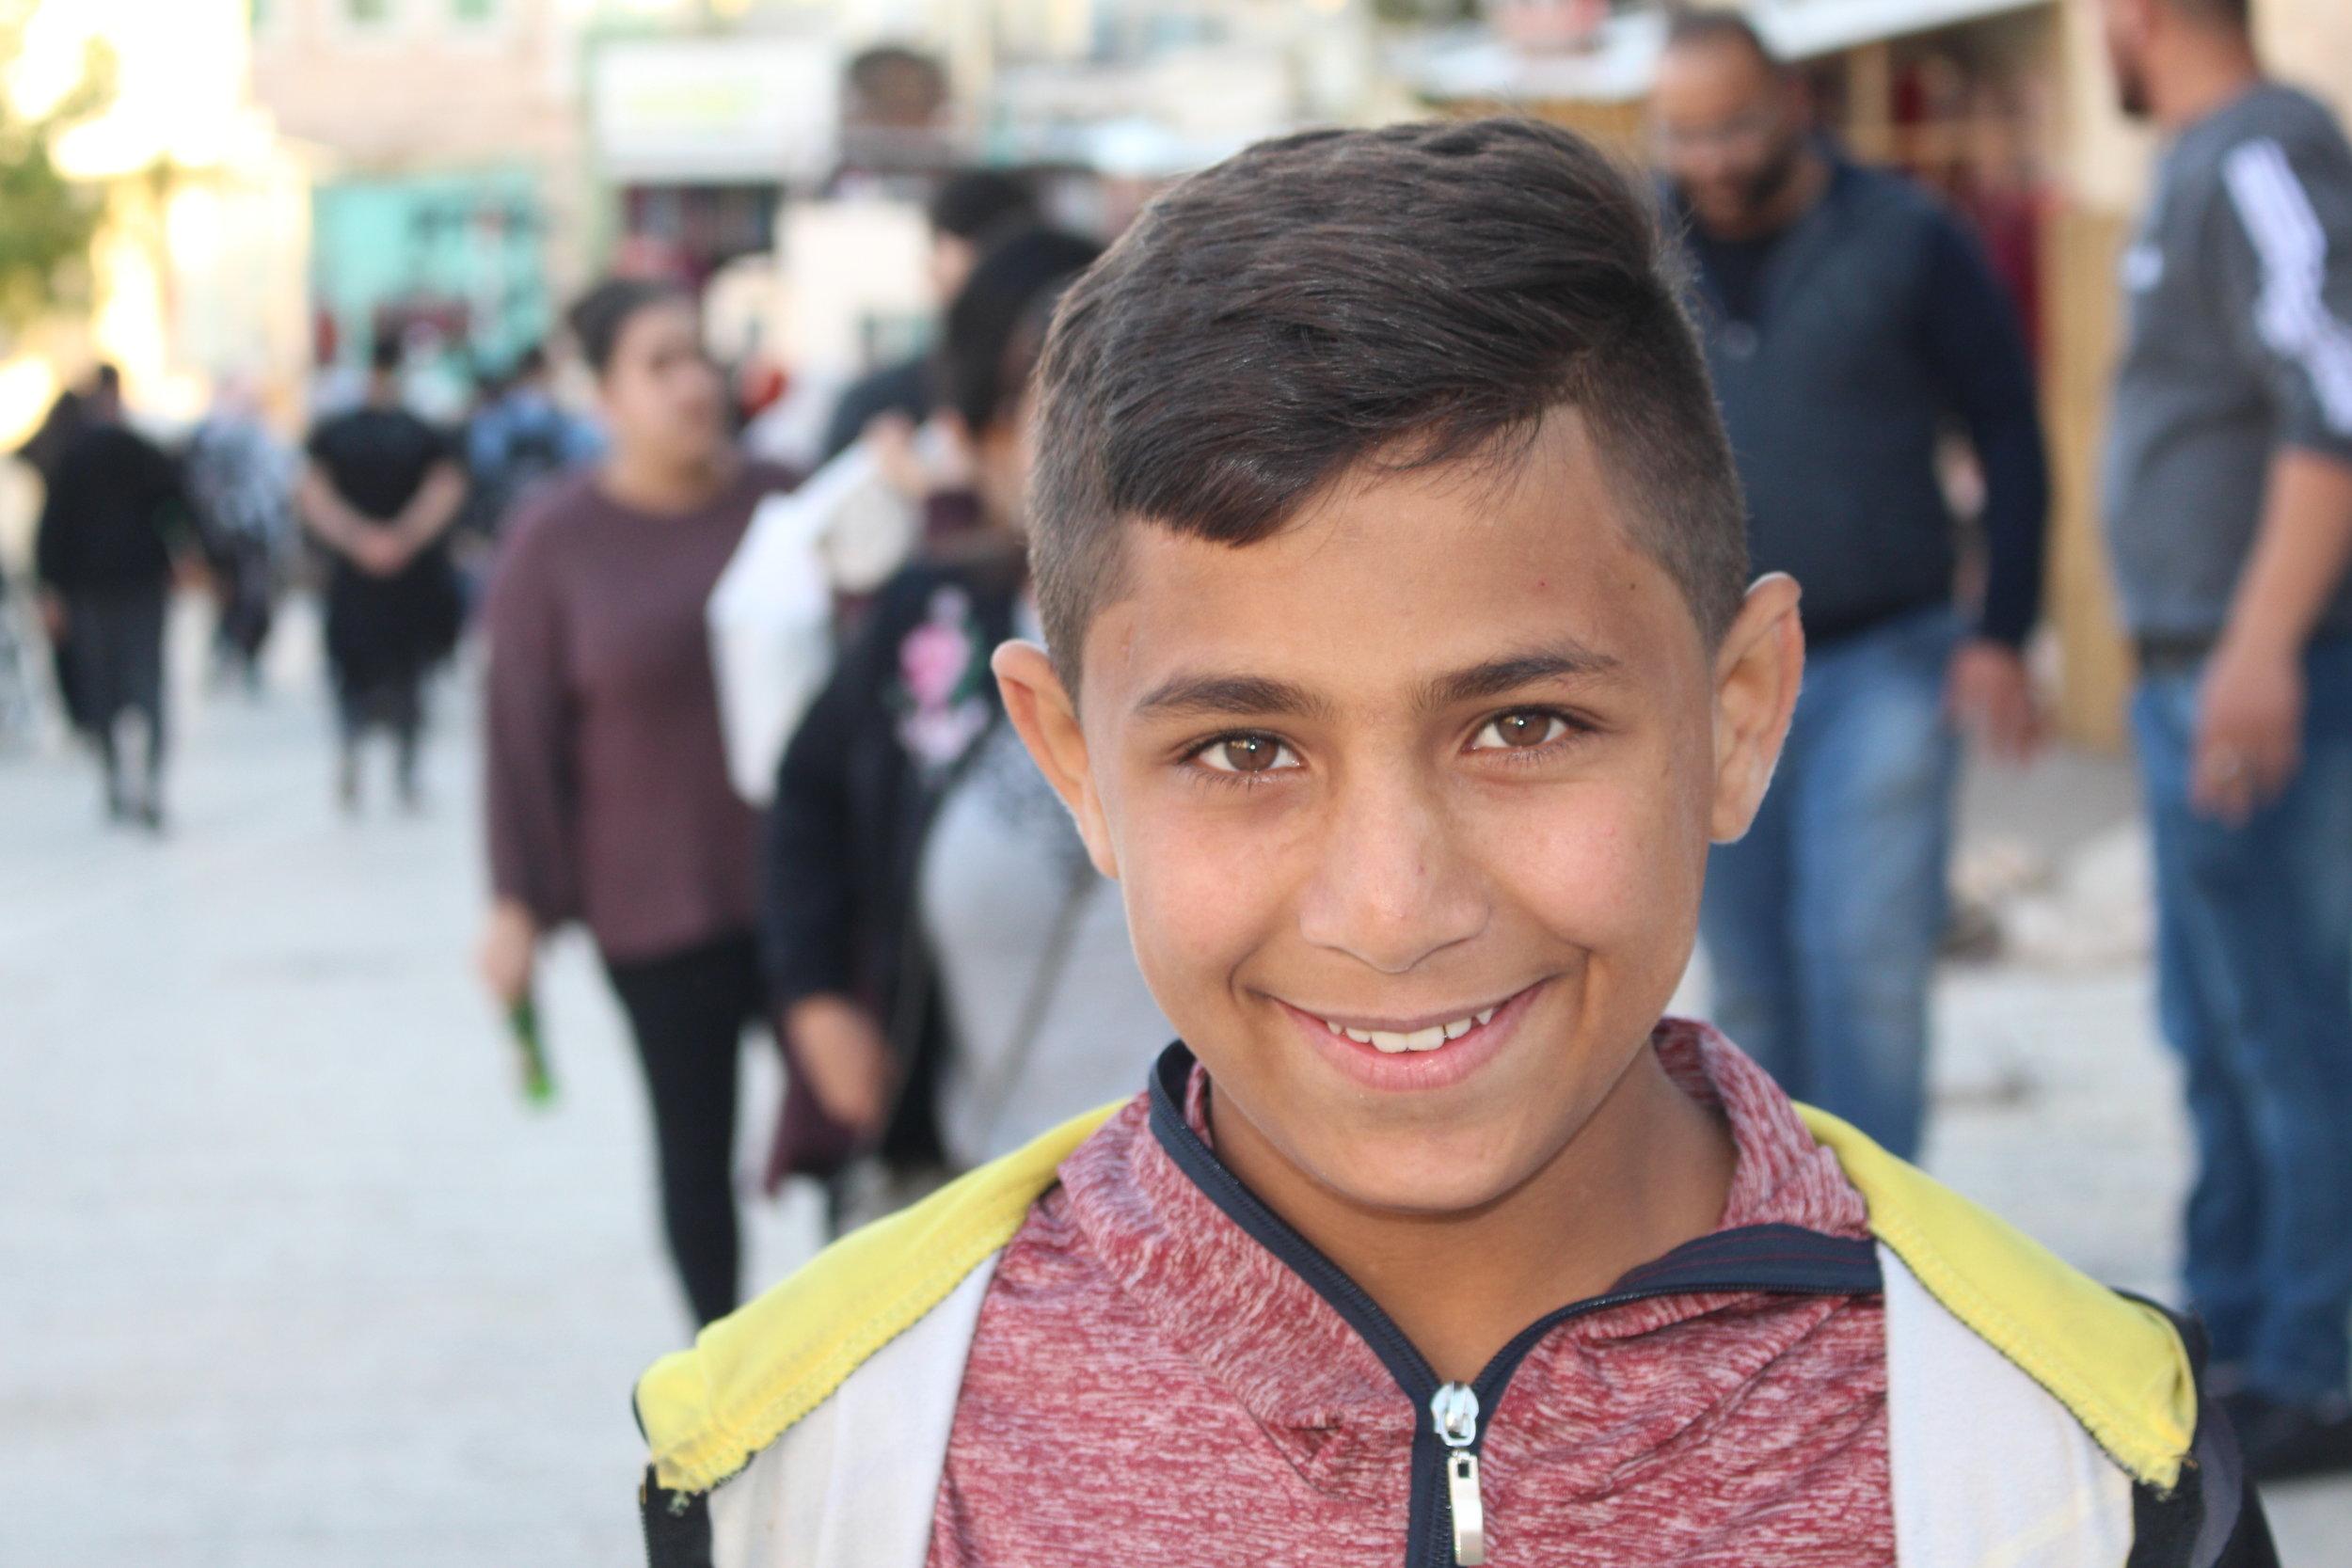 Ondanks de bezetting, een mooie lach (Hebron)